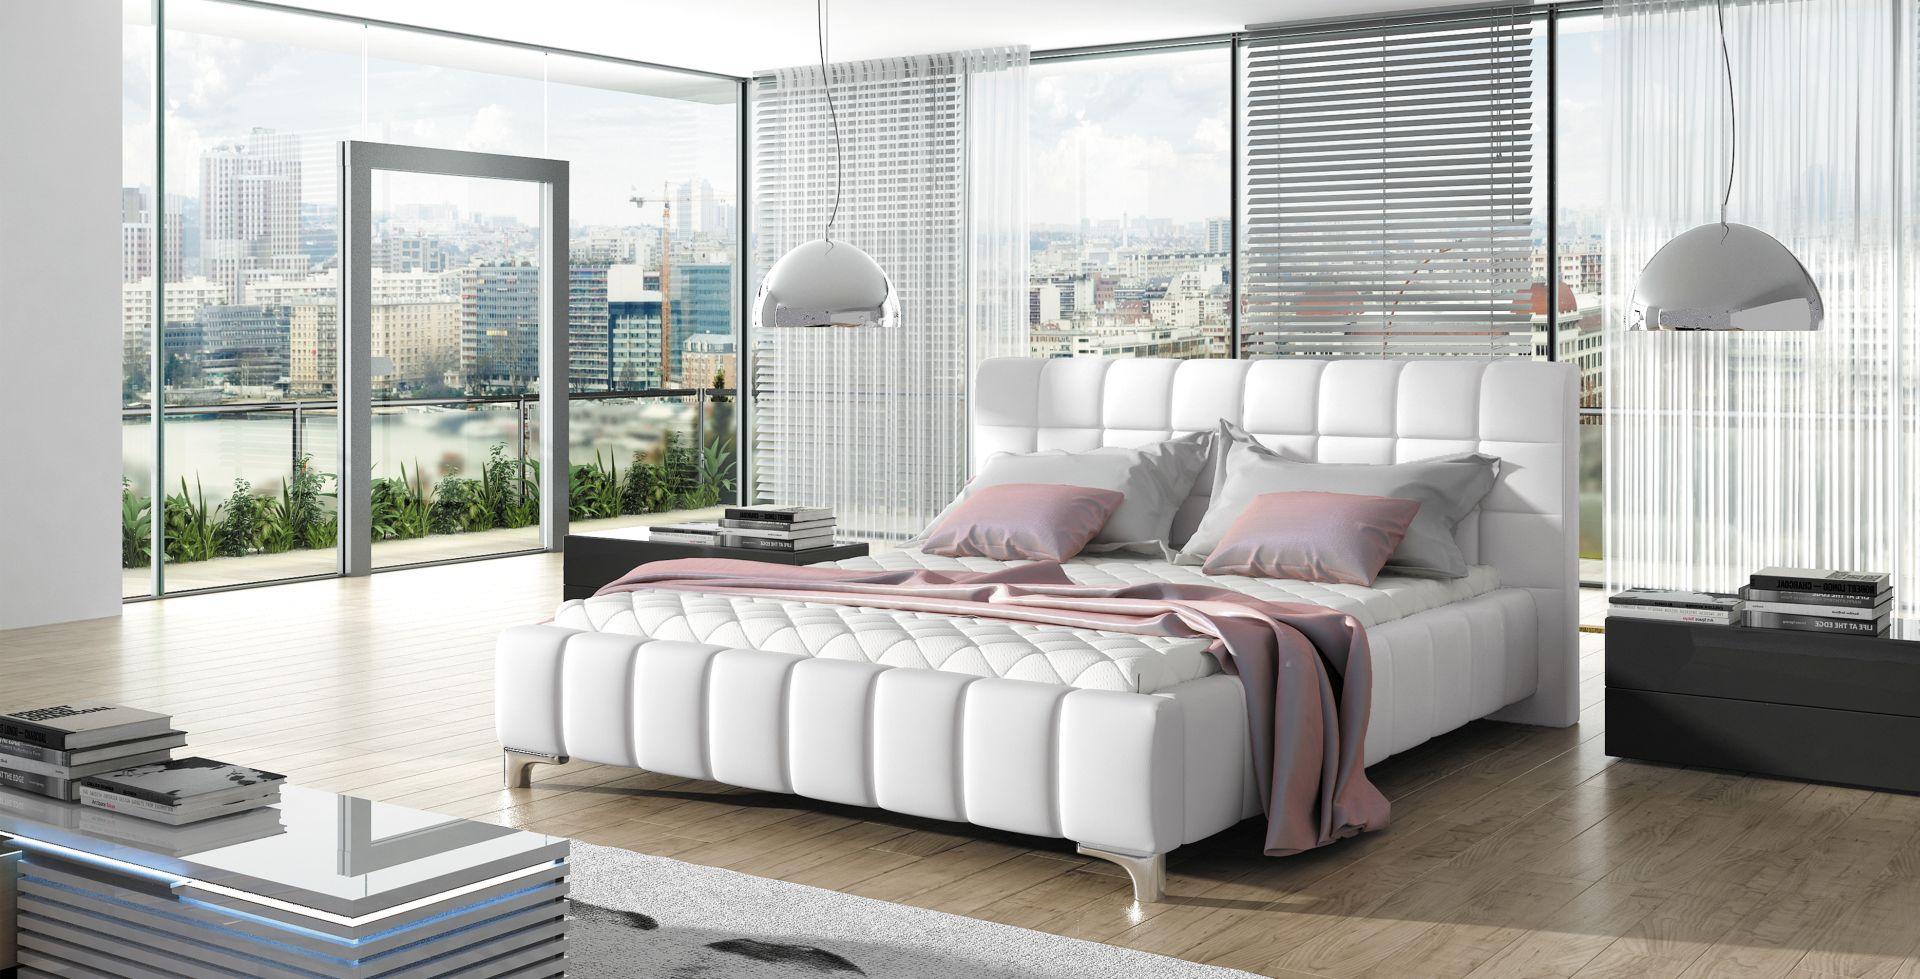 Betten Reiter Bettwasche Baumwolle Zirben Bettdecken Moderne